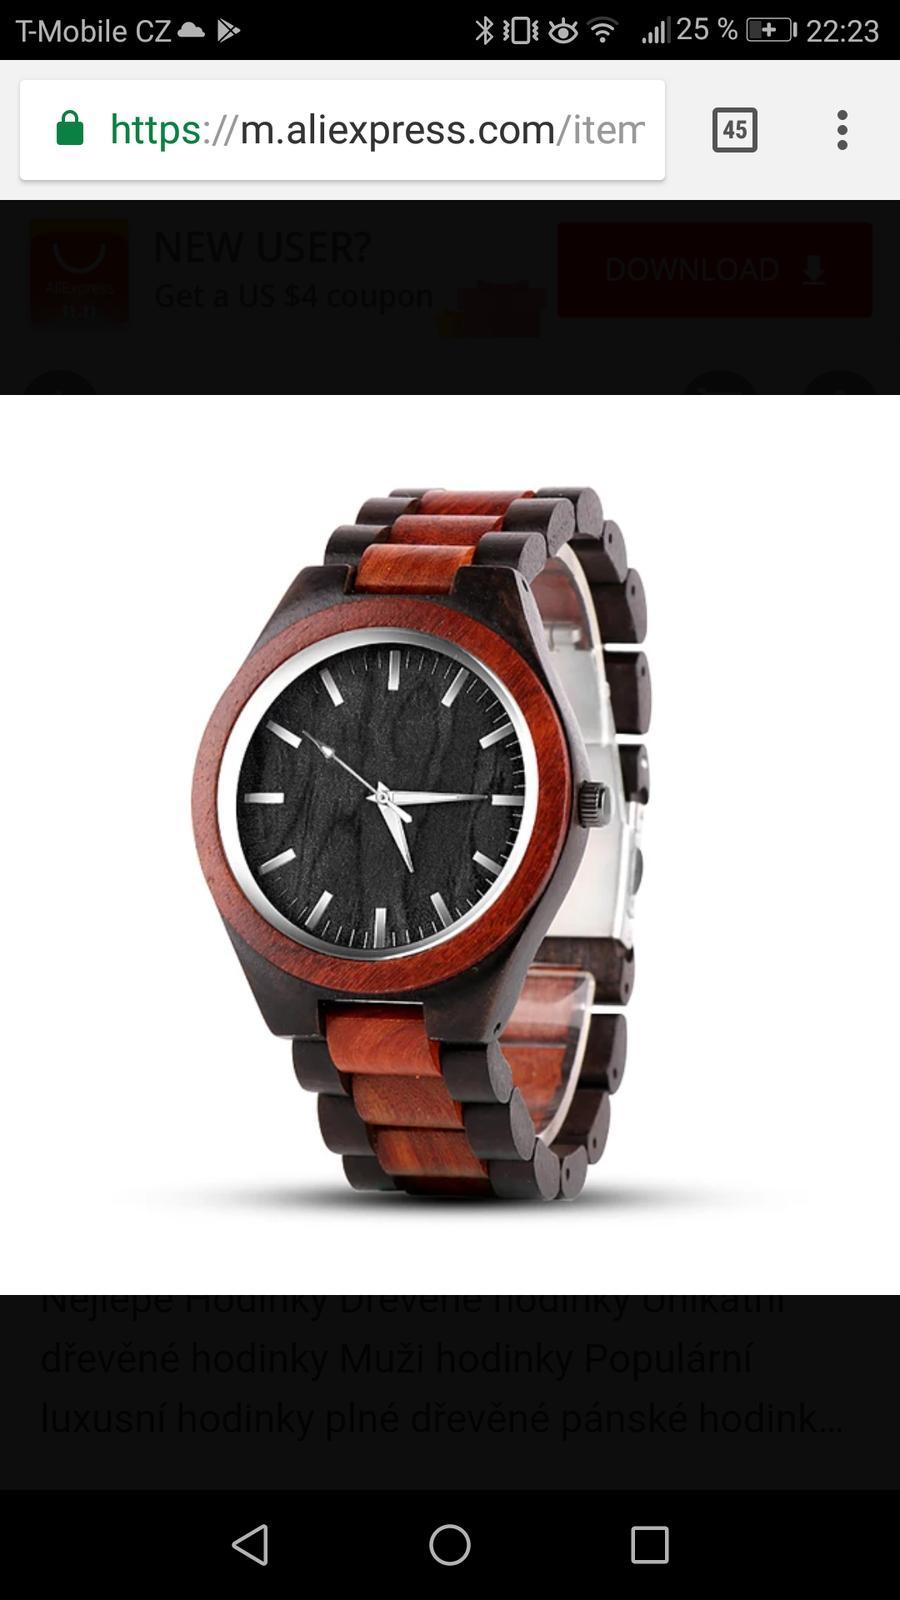 Co už máme - Dárečky pro tatinky dřevěné hodinky